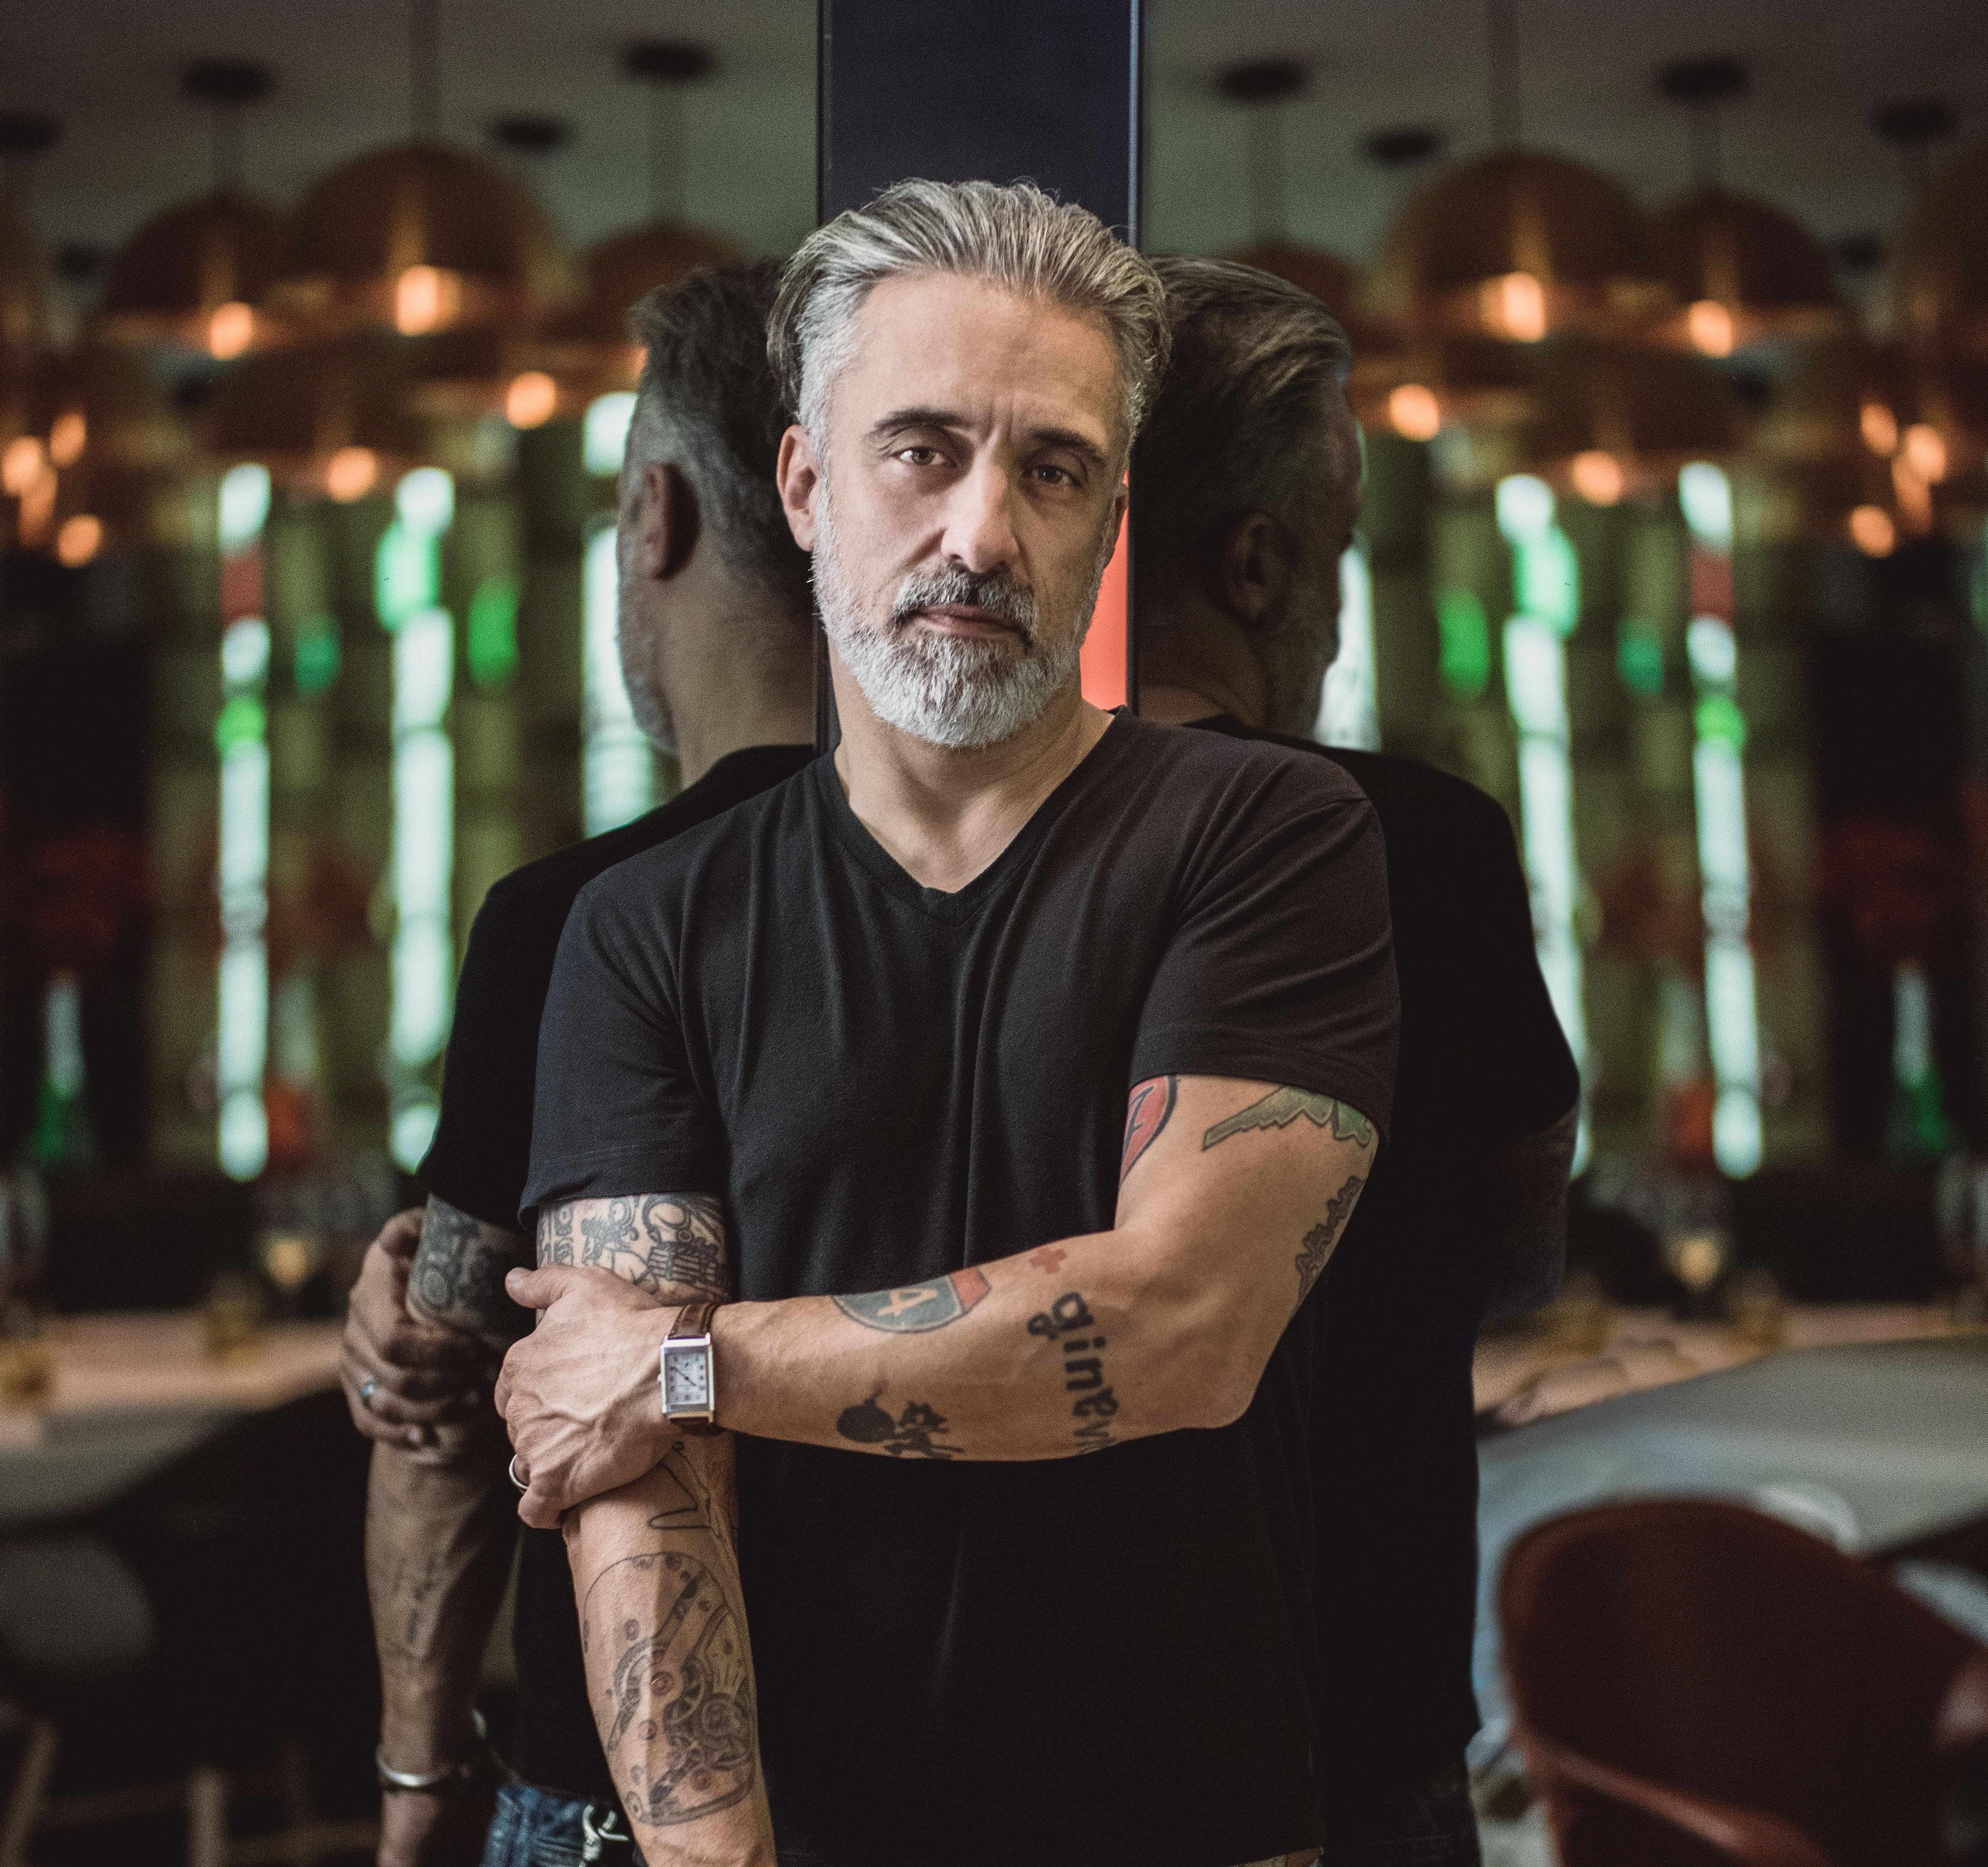 SERGI AROLA / W HOTEL VERBIER